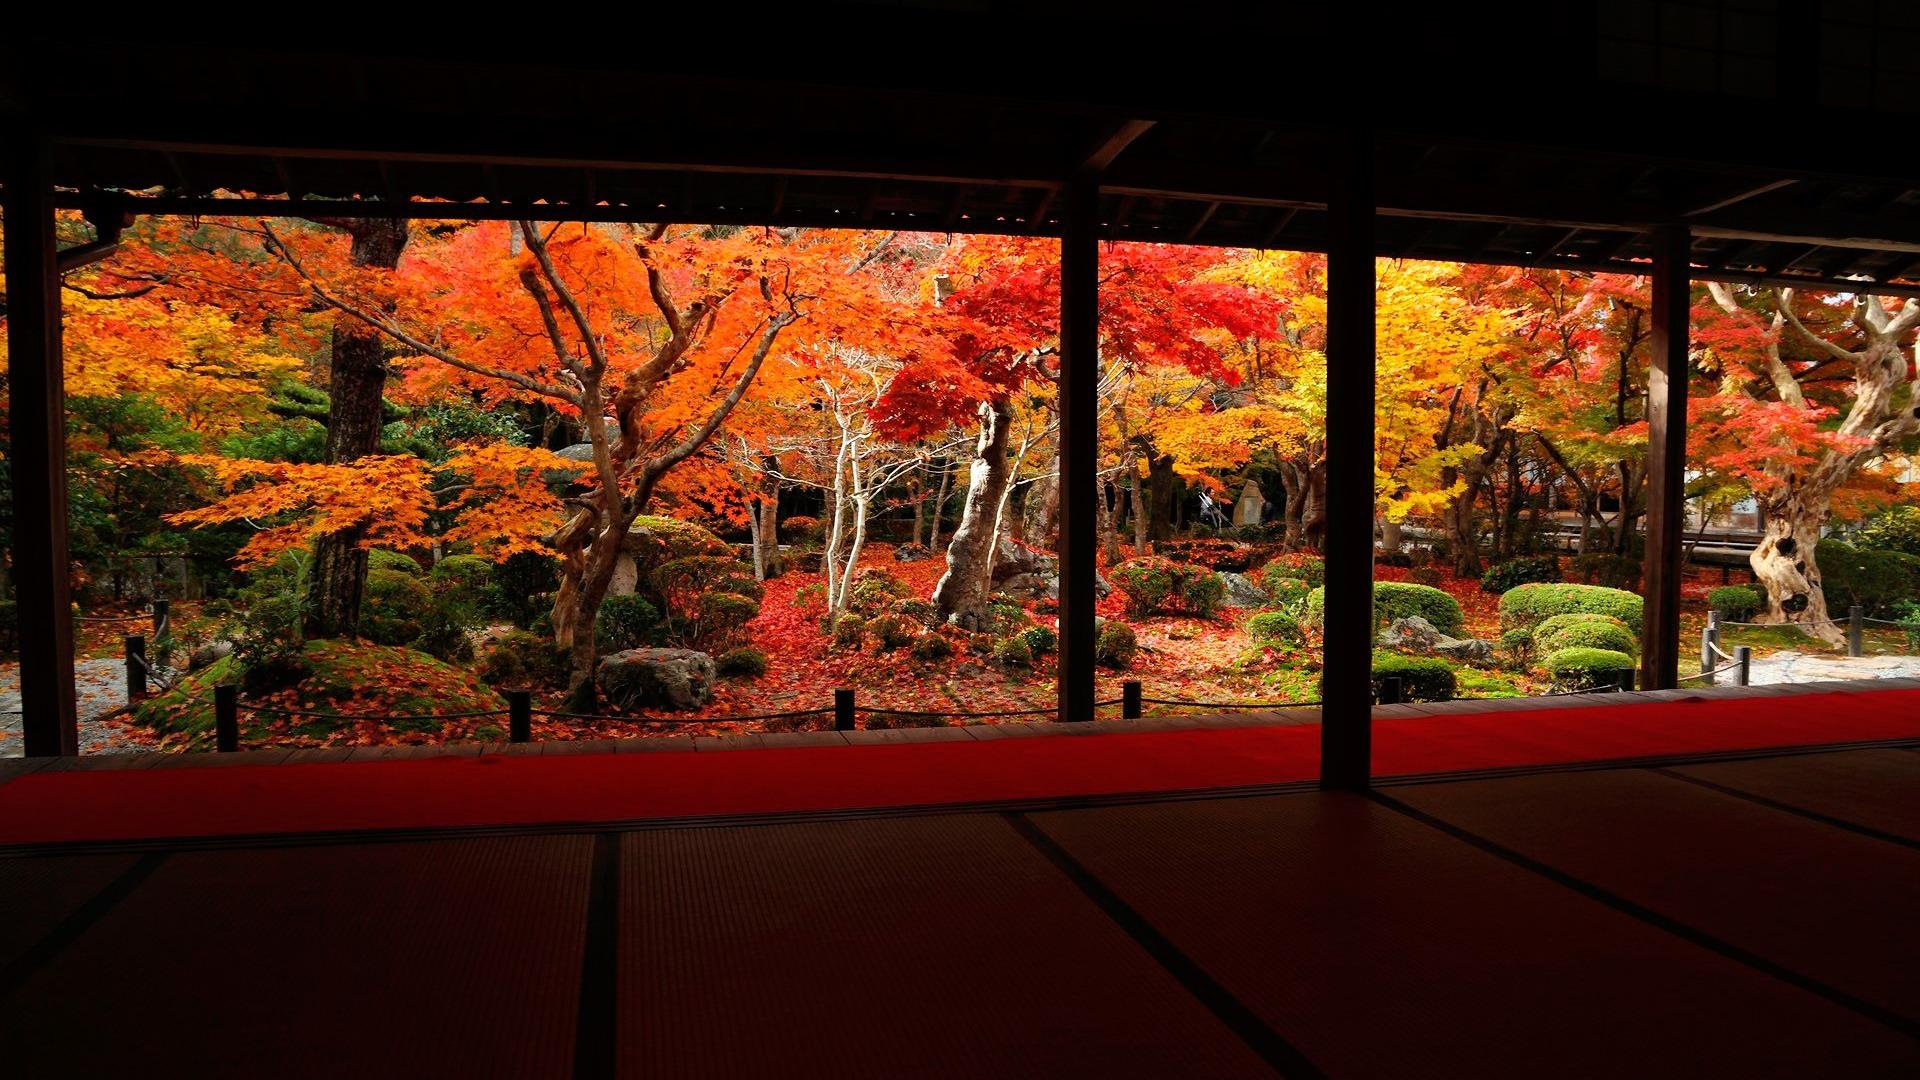 秋の風景のベストな角度 圓光寺秋の壁紙プレビュー 10wallpaper Com